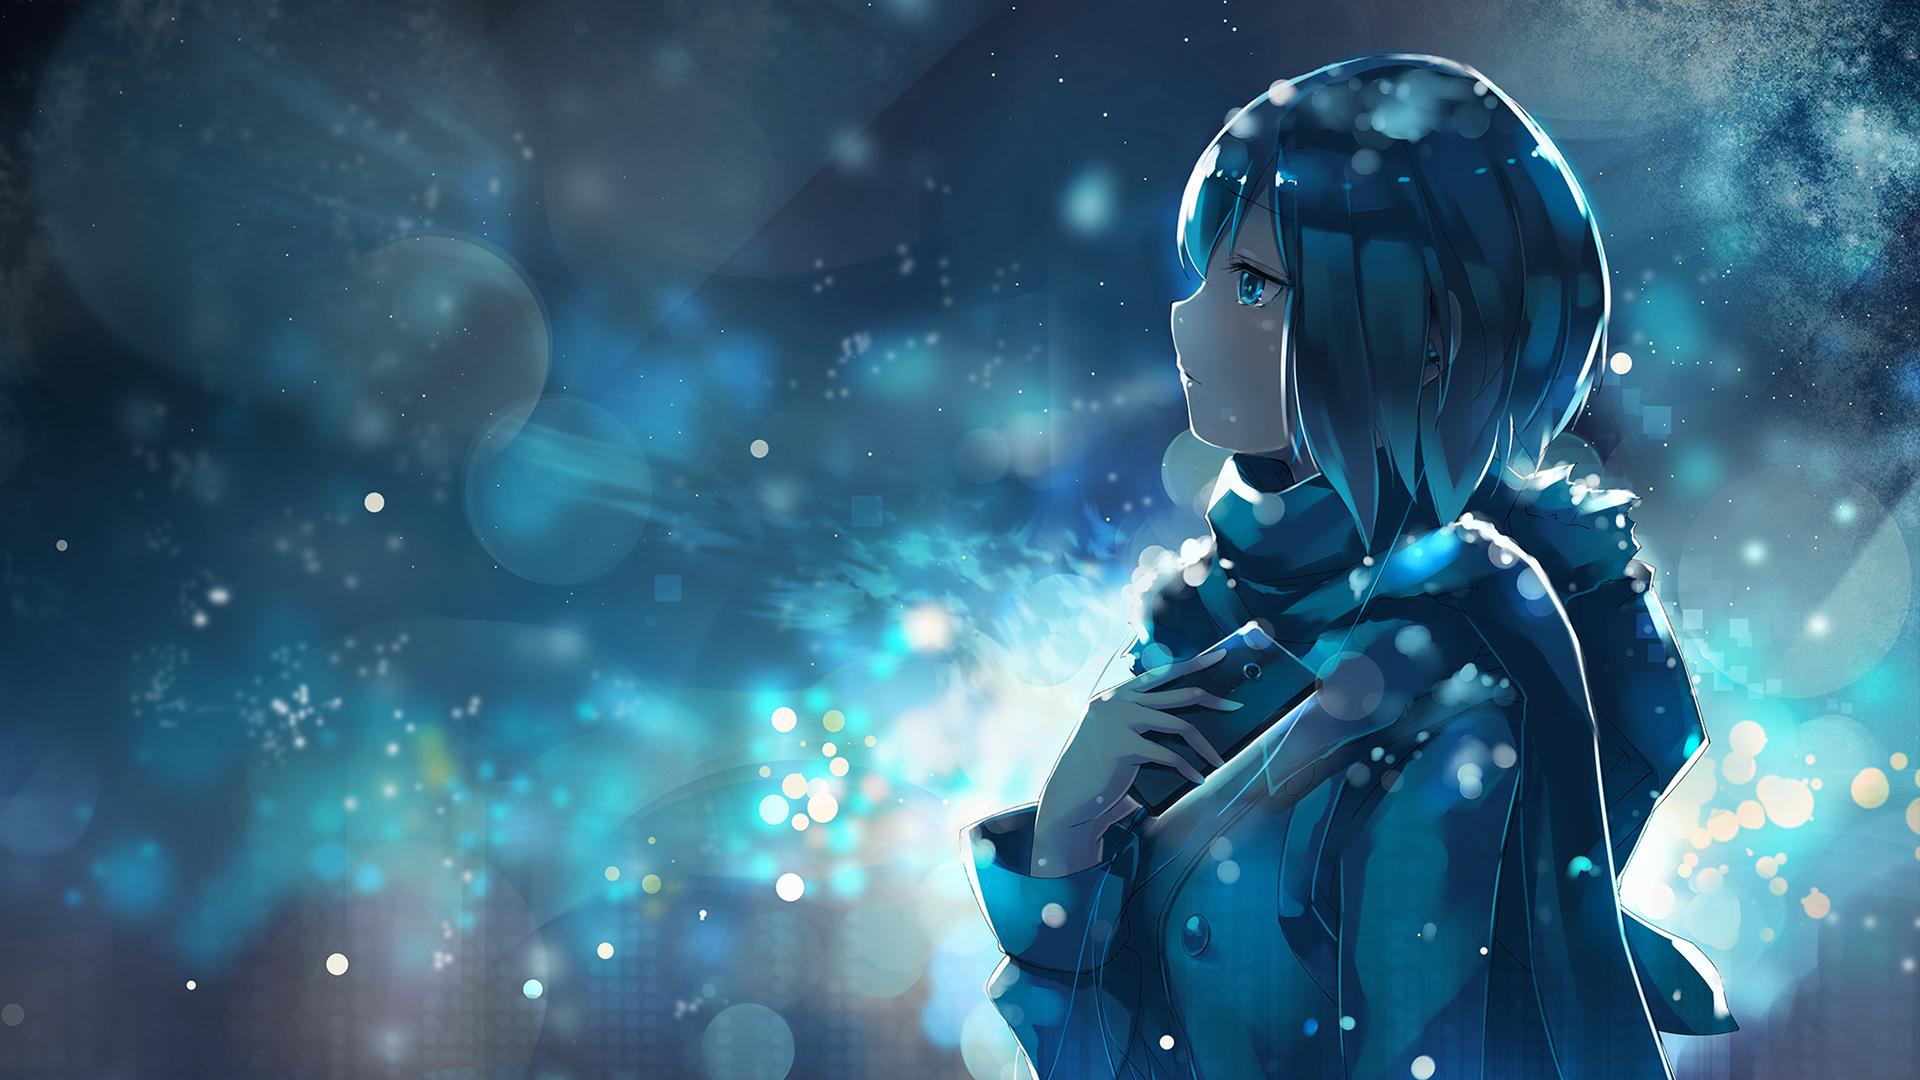 Sfondi Illustrazione Anime Girls Spazio Personaggi Originali